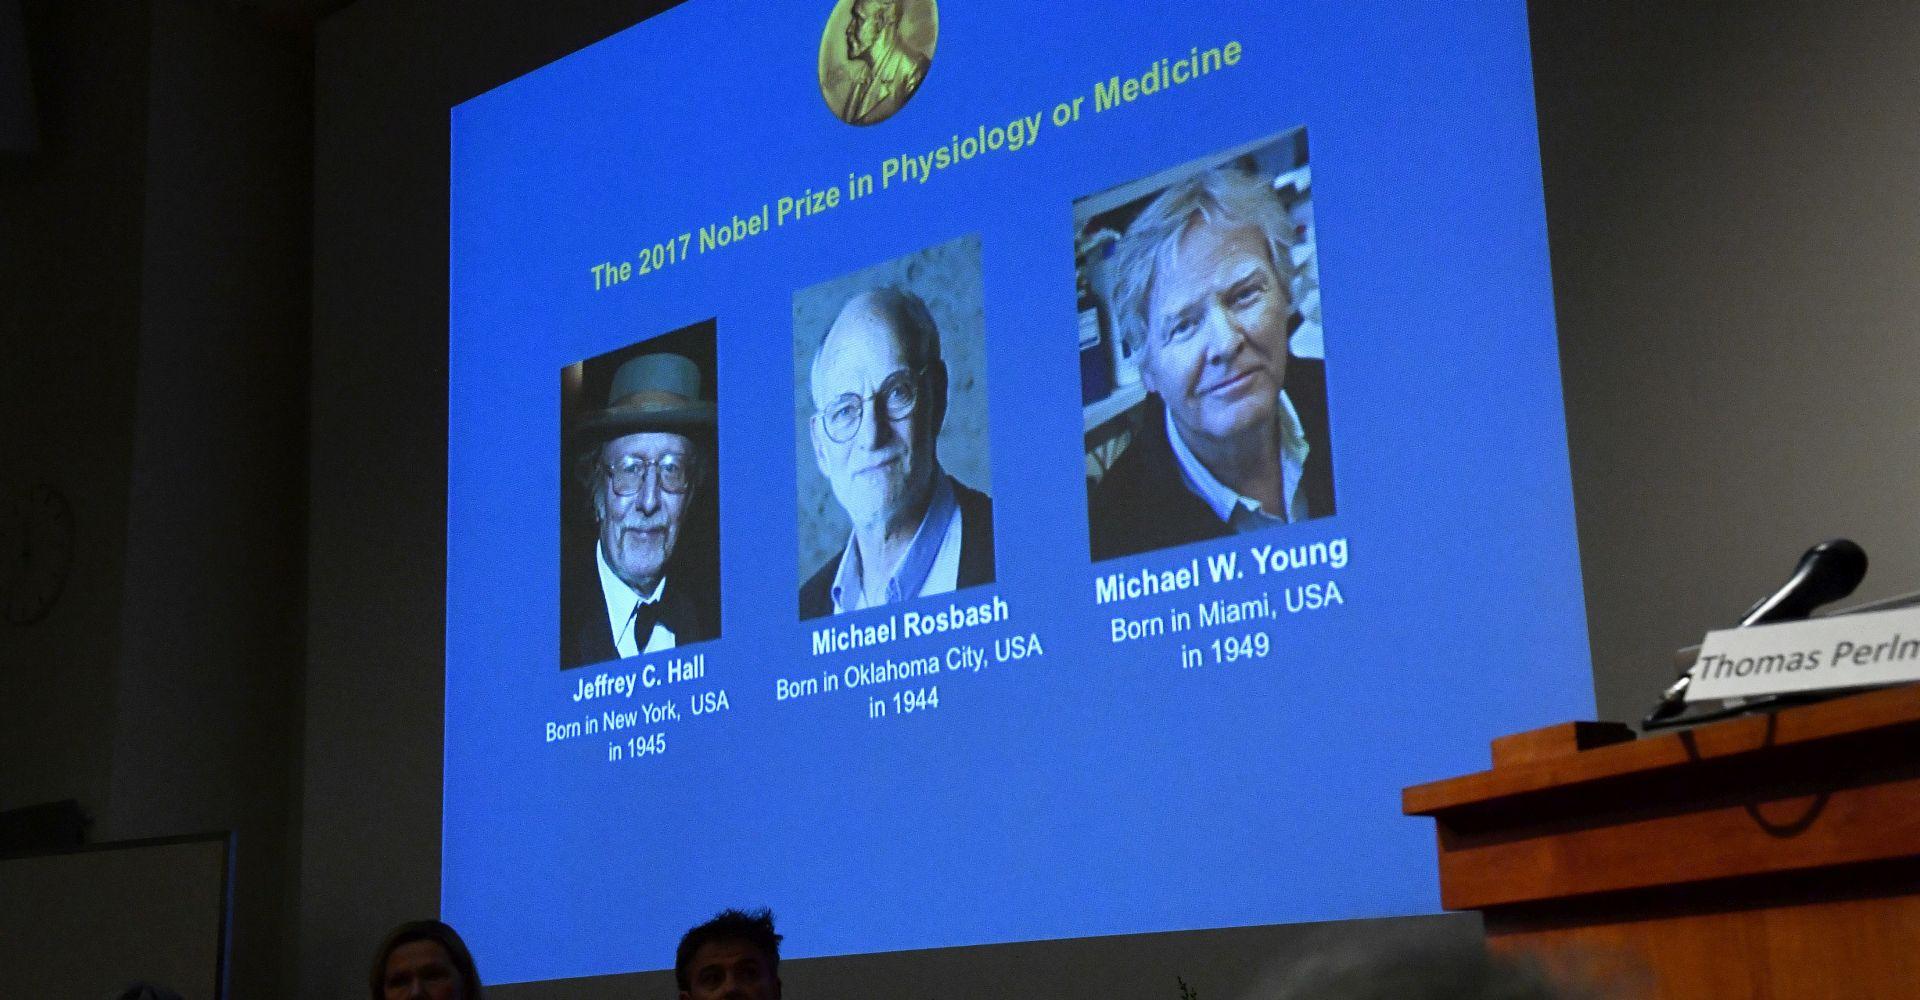 Švedska akademija priznala ranija curenja imena dobitnika Nobelove nagrade